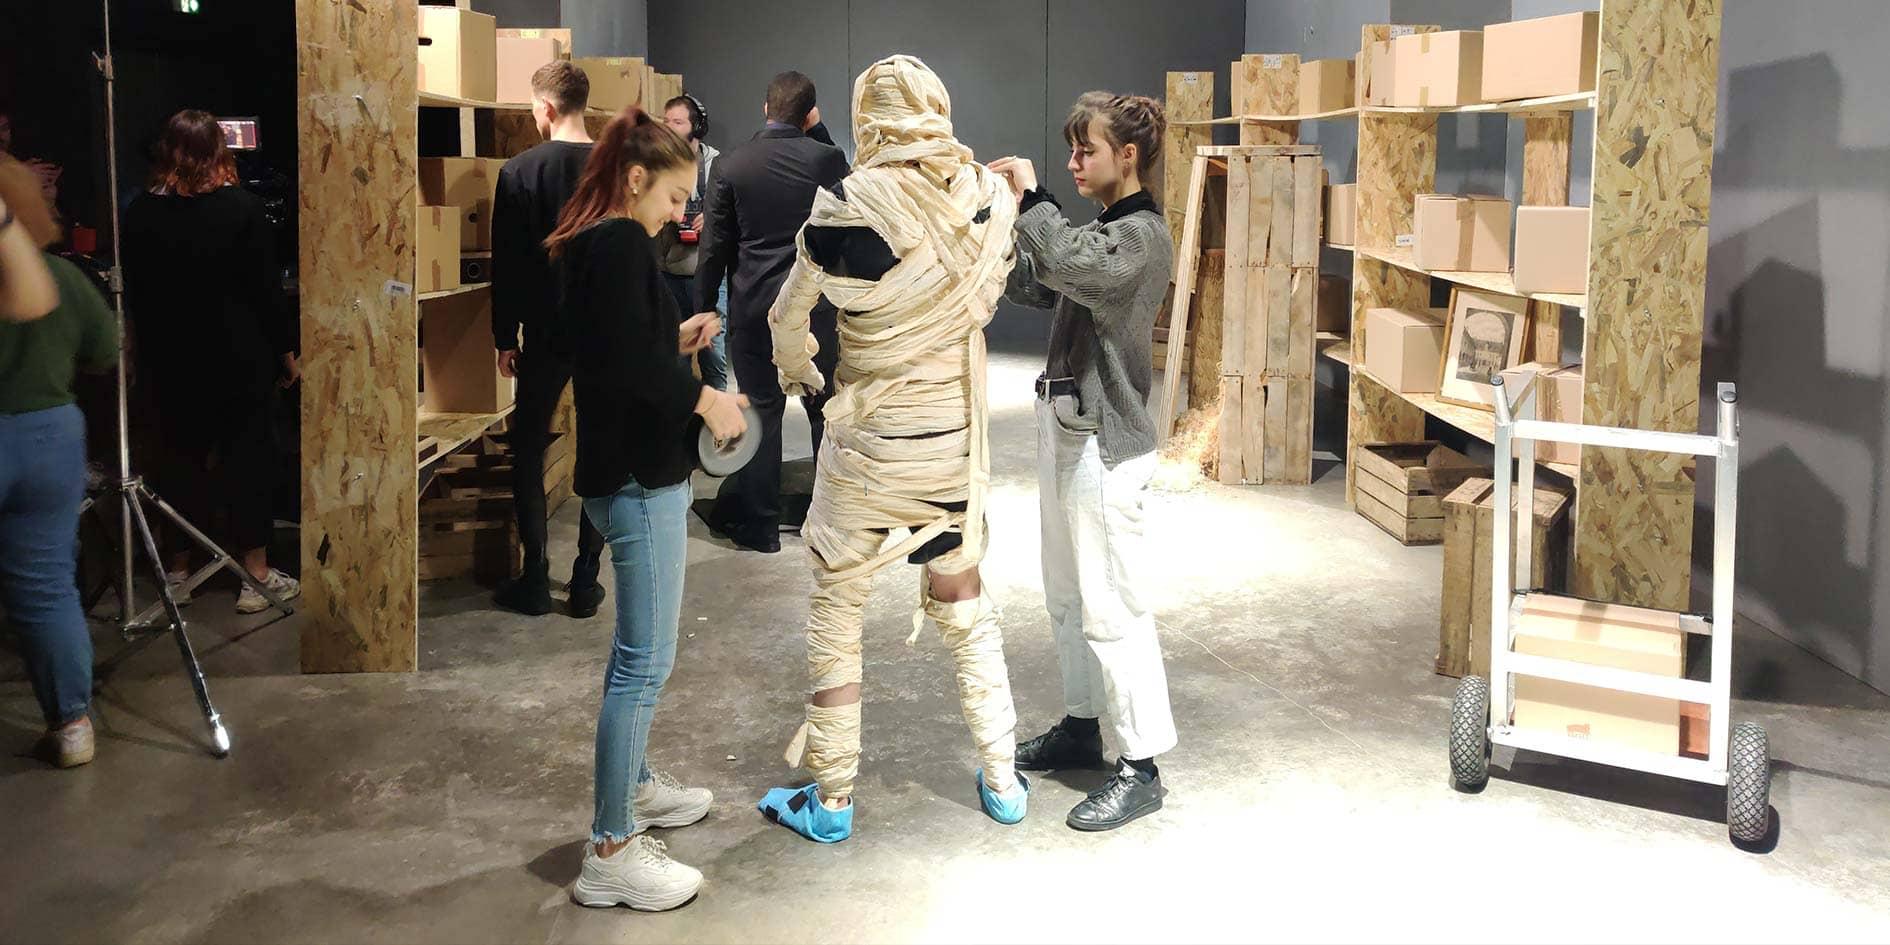 Lyon Partenariat Maav Monstre 09